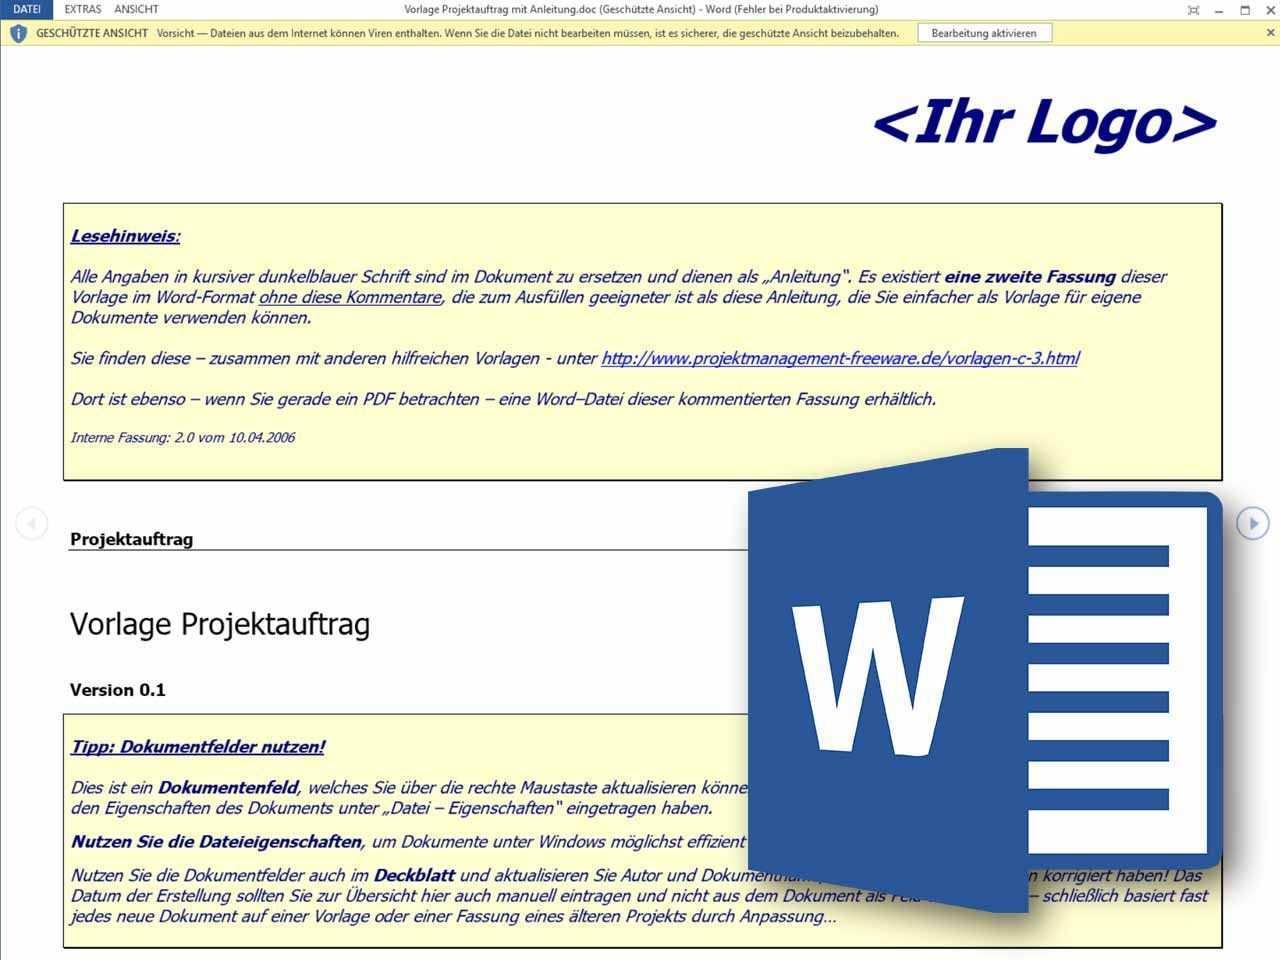 Word Vorlage Projektauftrag Projektauftrag Vorlagen Excel Vorlage